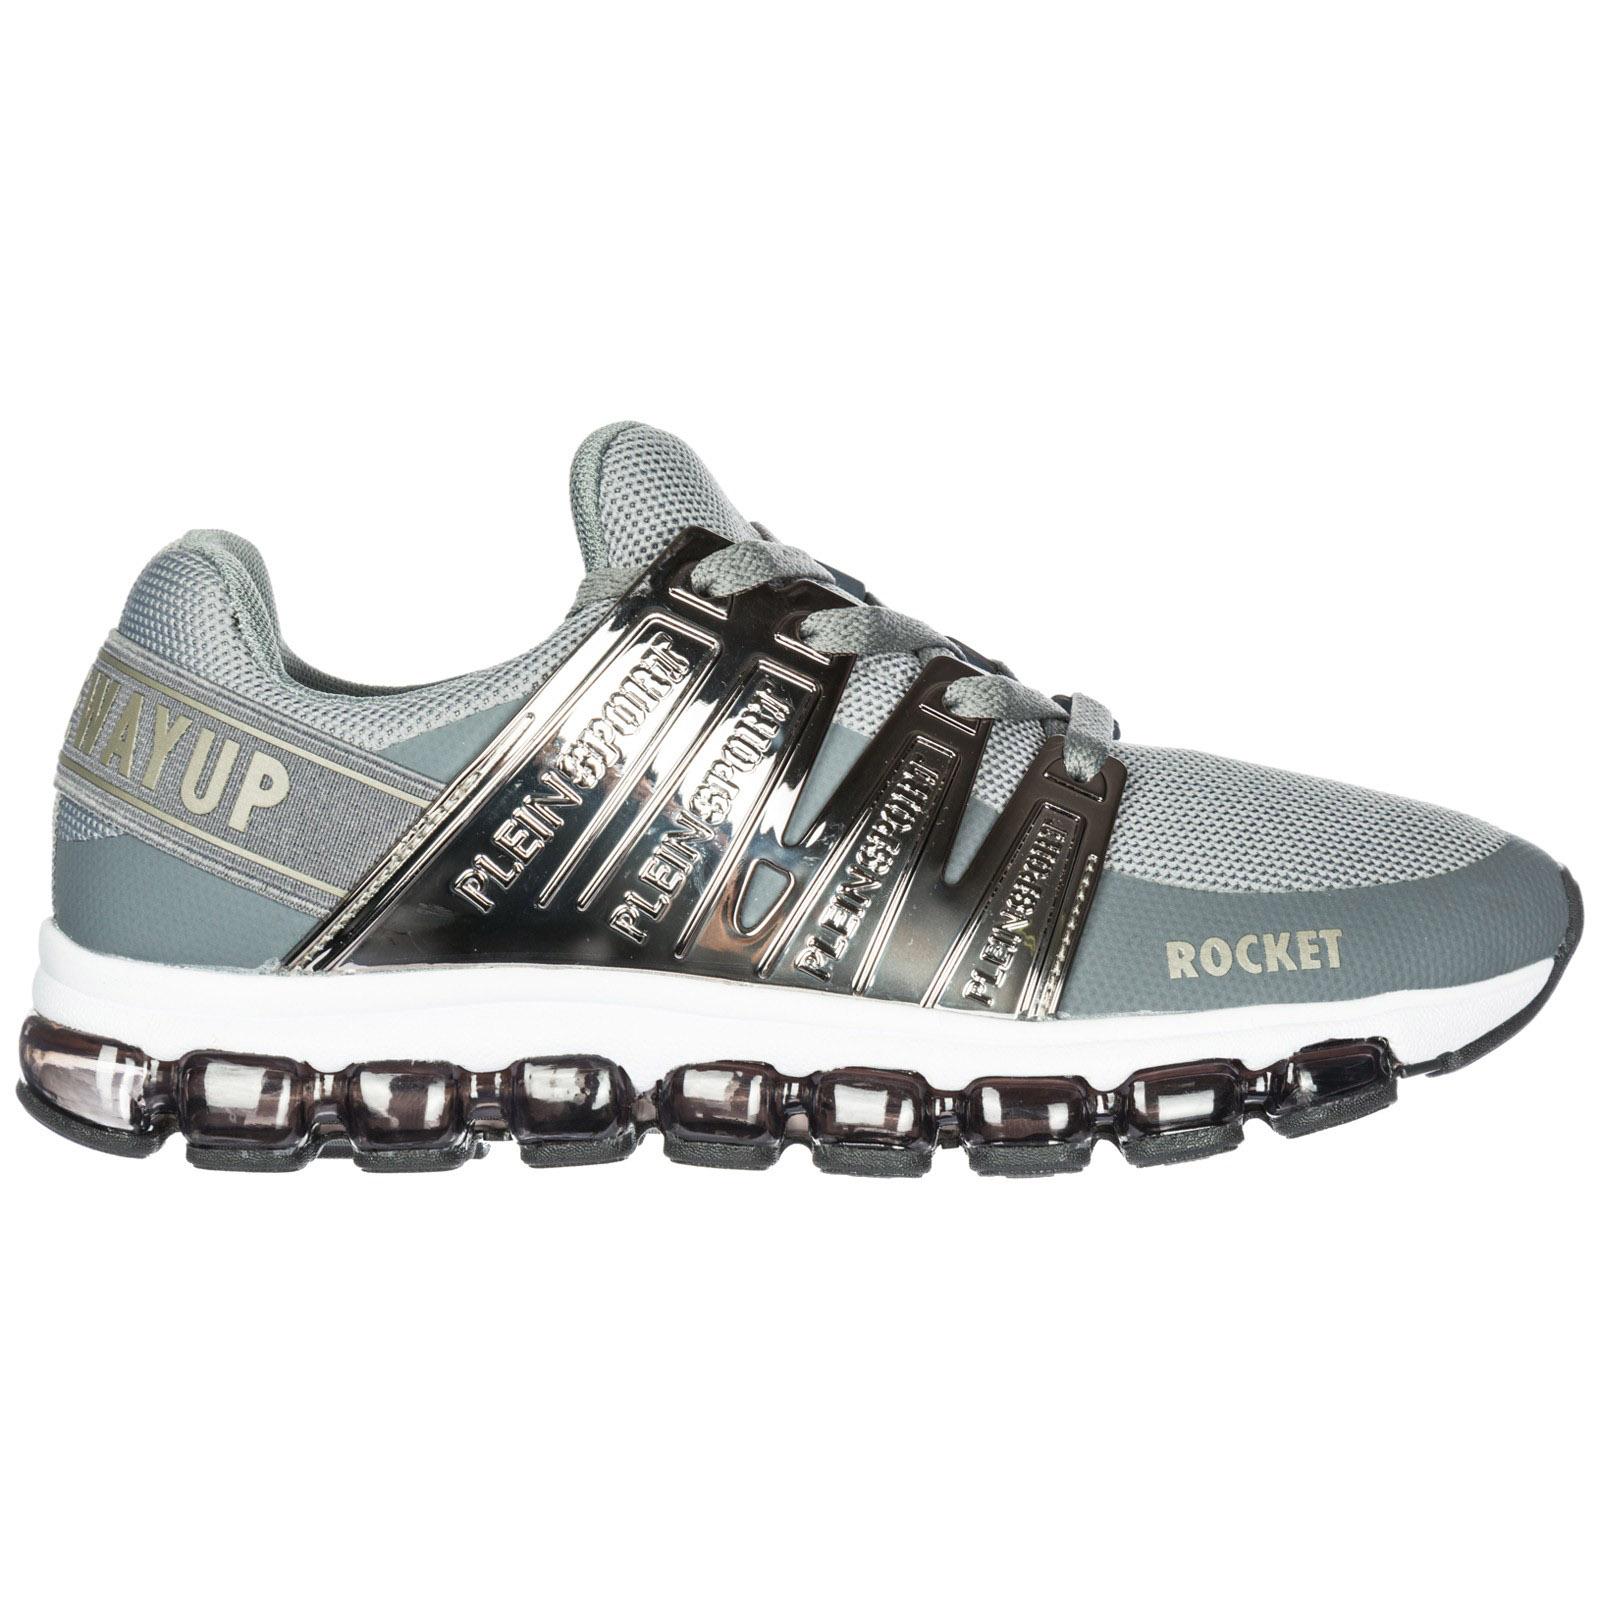 plein sport scarpe  Scarpe running Plein Sport Rocket F18S-MSC1381-SXV001N dark grey ...